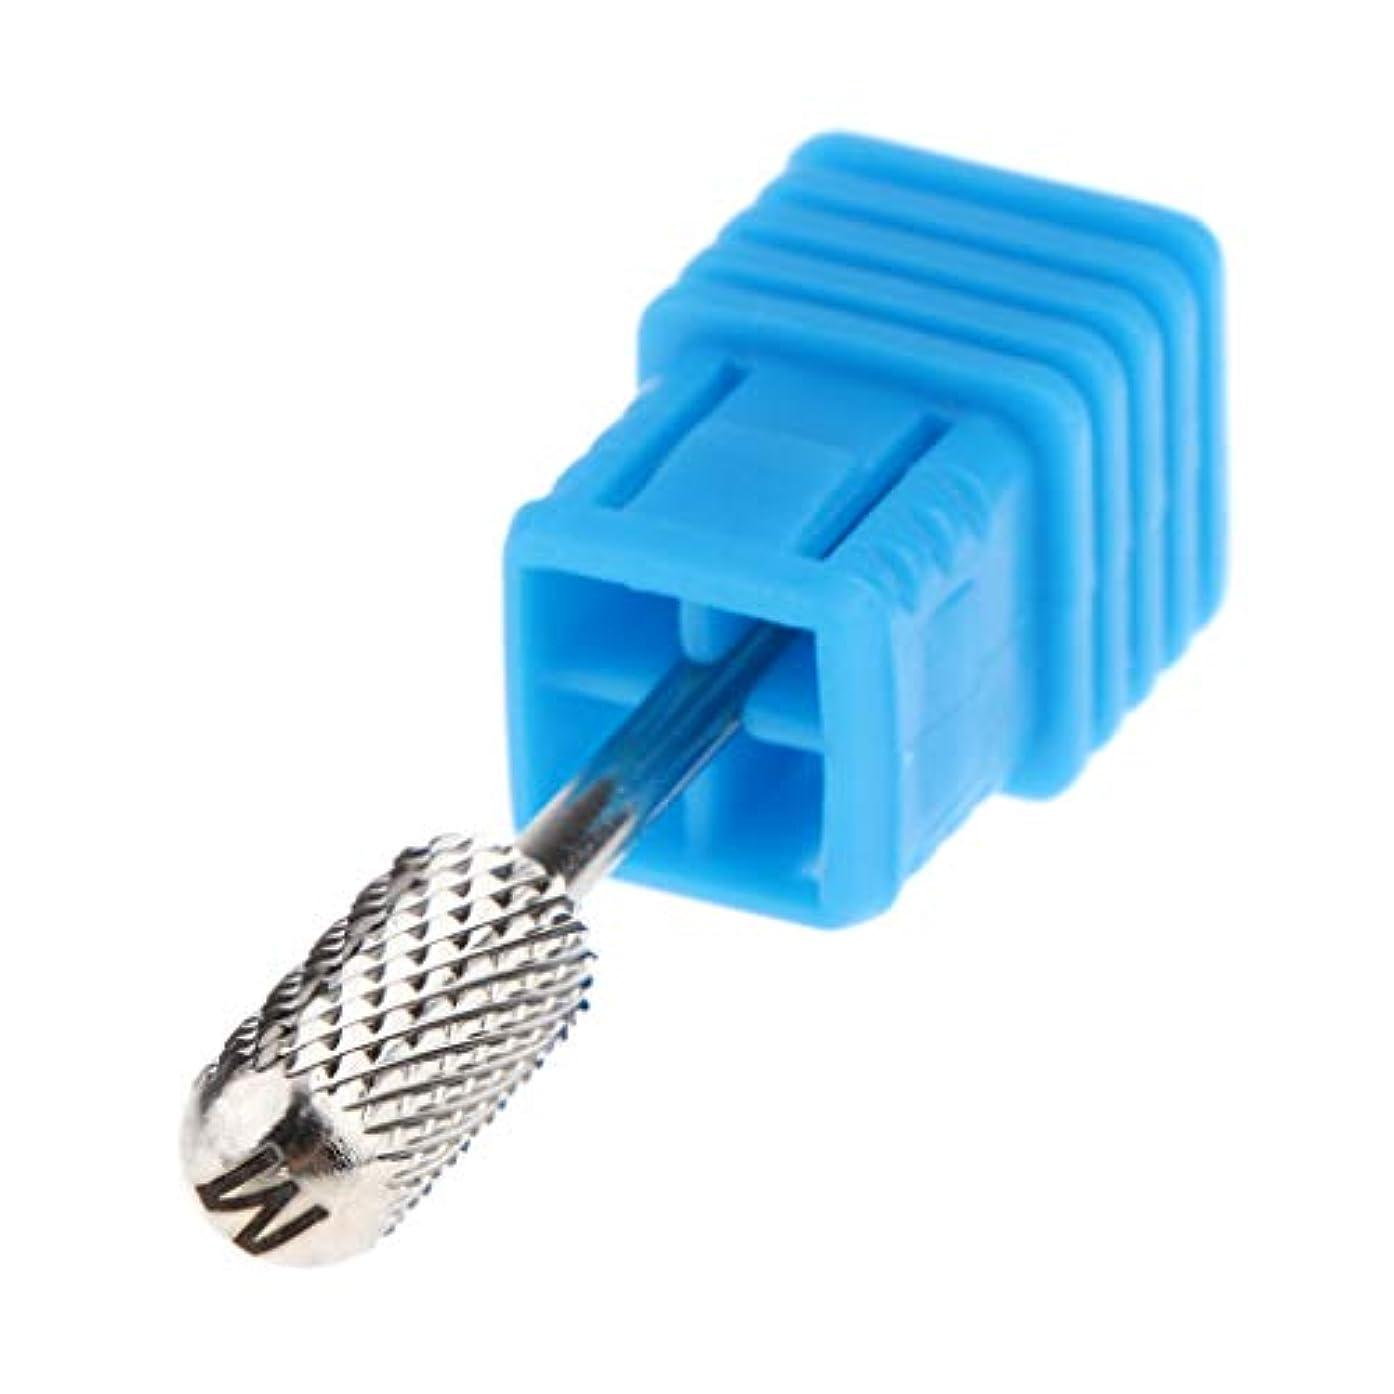 ウォルターカニンガム依存する協同gazechimp 電気マニキュアドリルビットヘッド ネイルドリルビット 研削ヘッド 4サイズ選ぶ - M